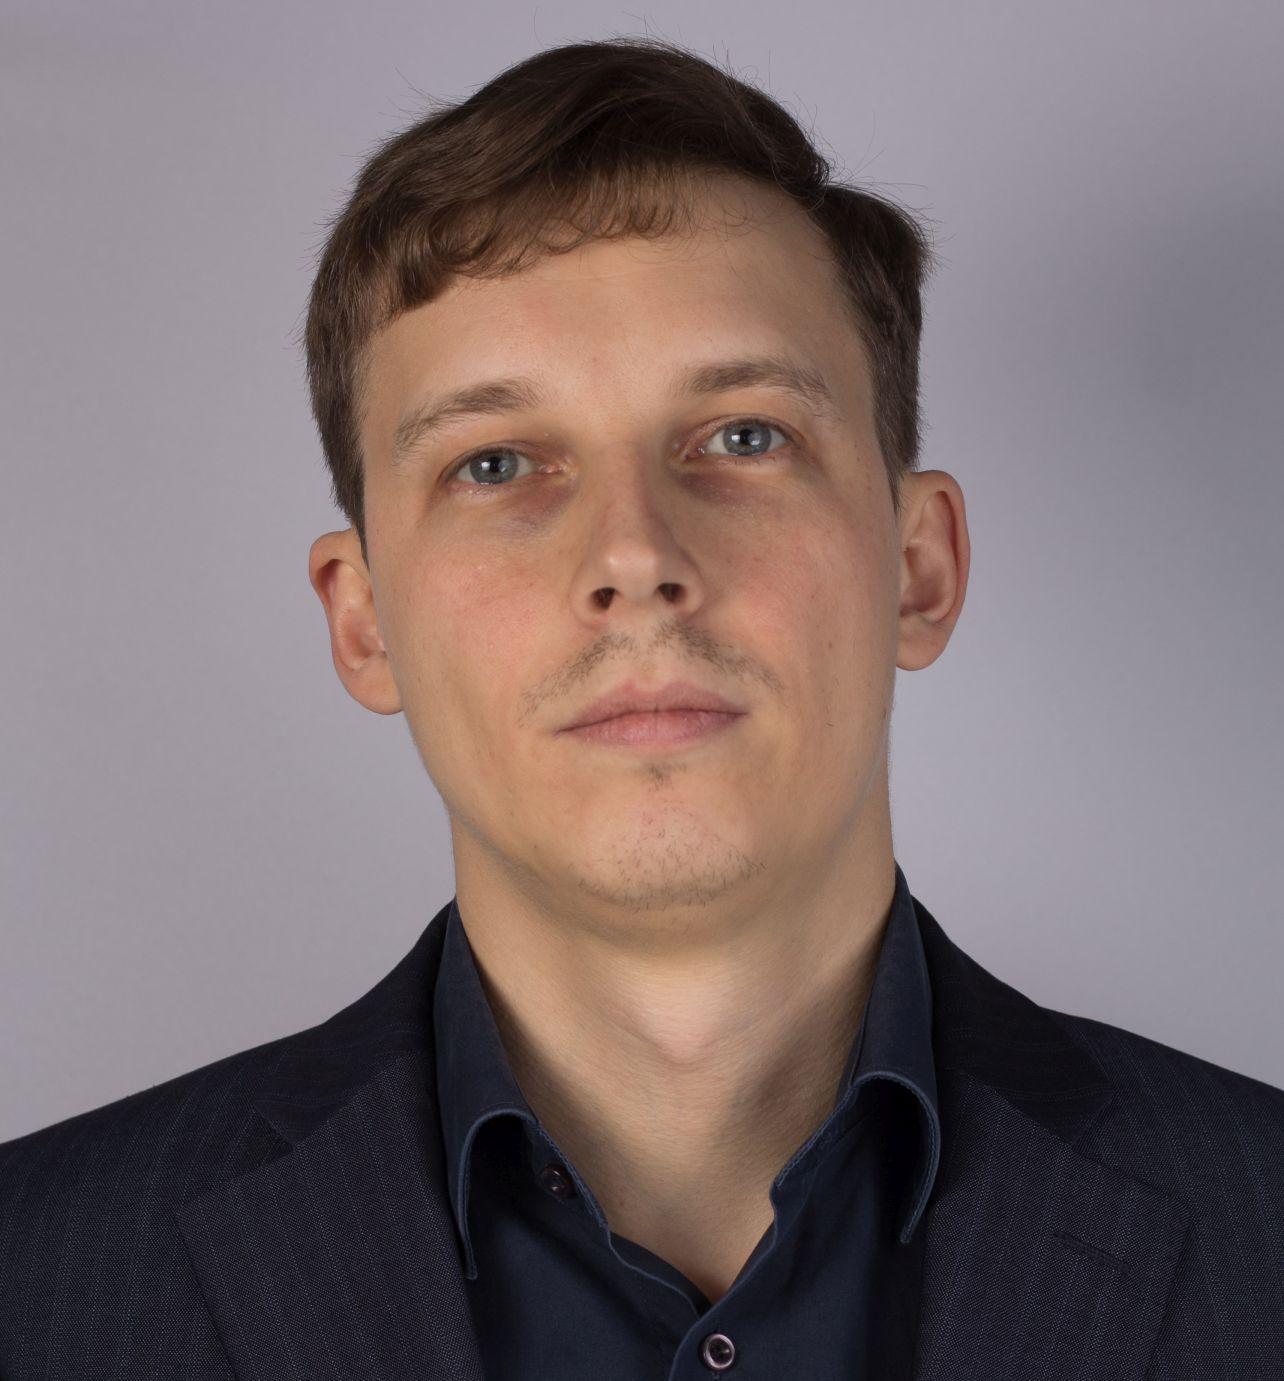 Sergey Kosolobov